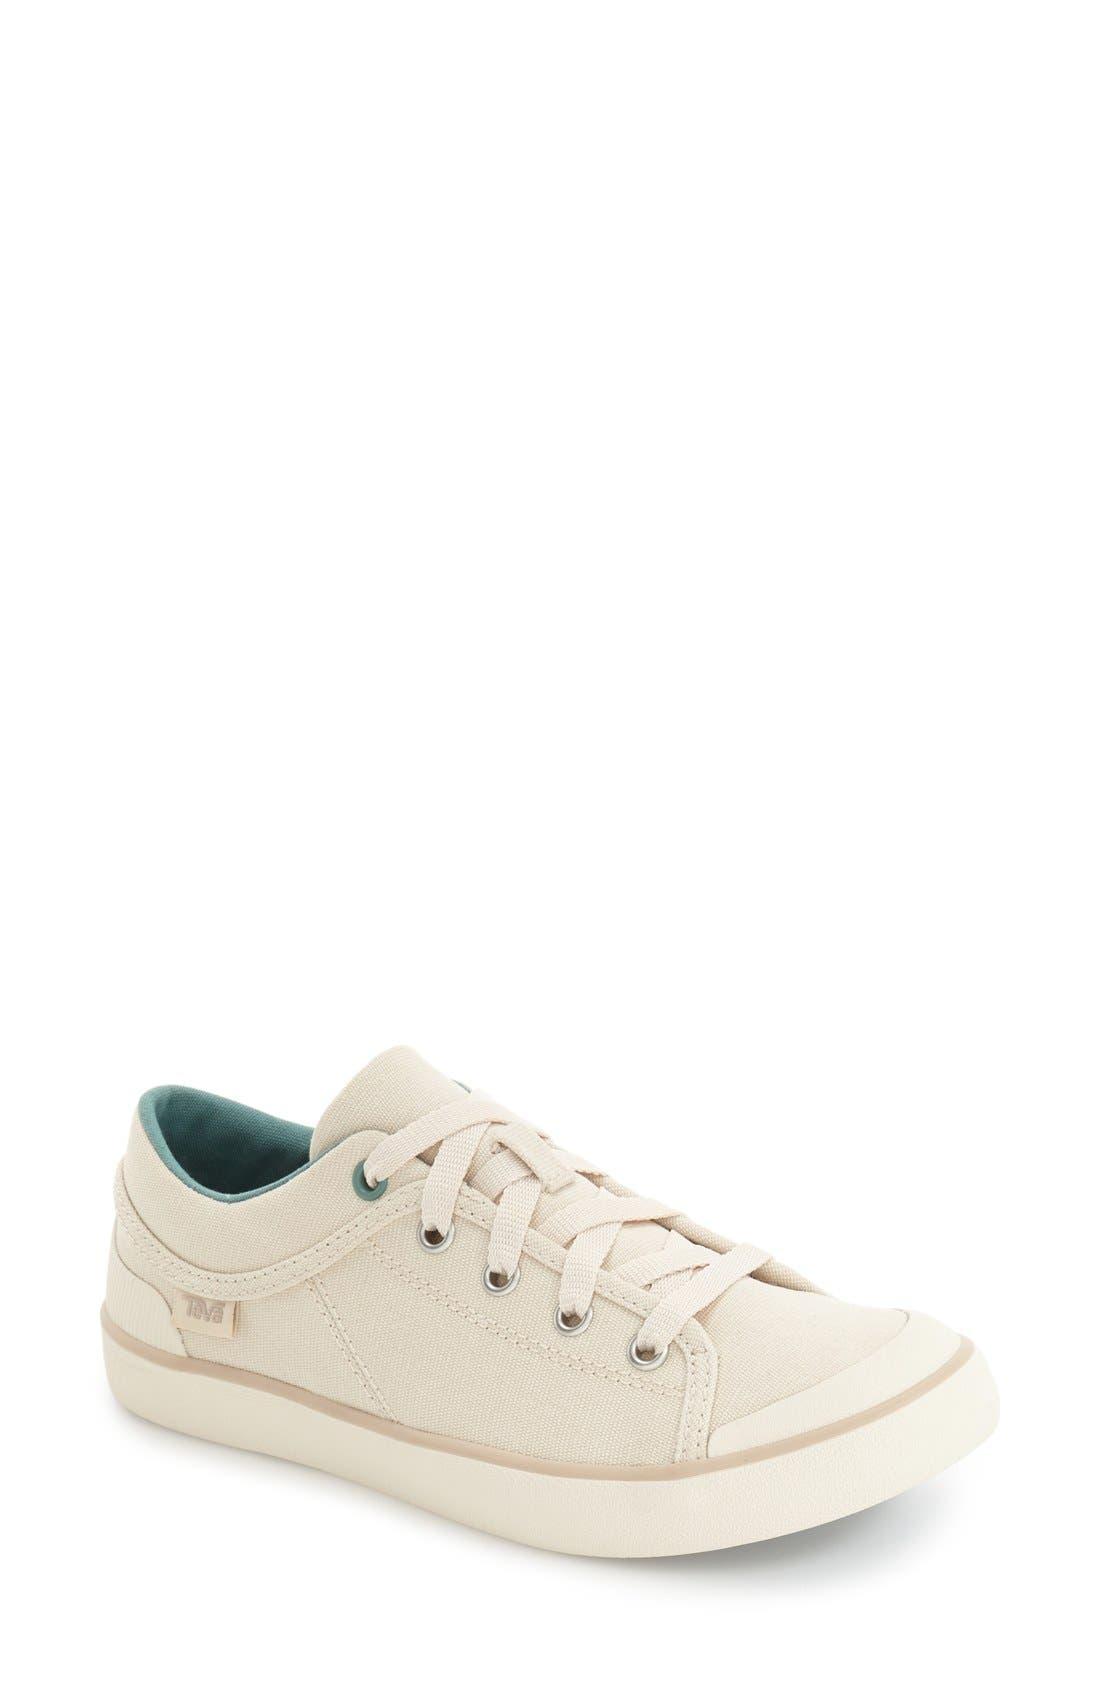 'Freewheel' Sneaker,                             Main thumbnail 1, color,                             NATURAL CANVAS